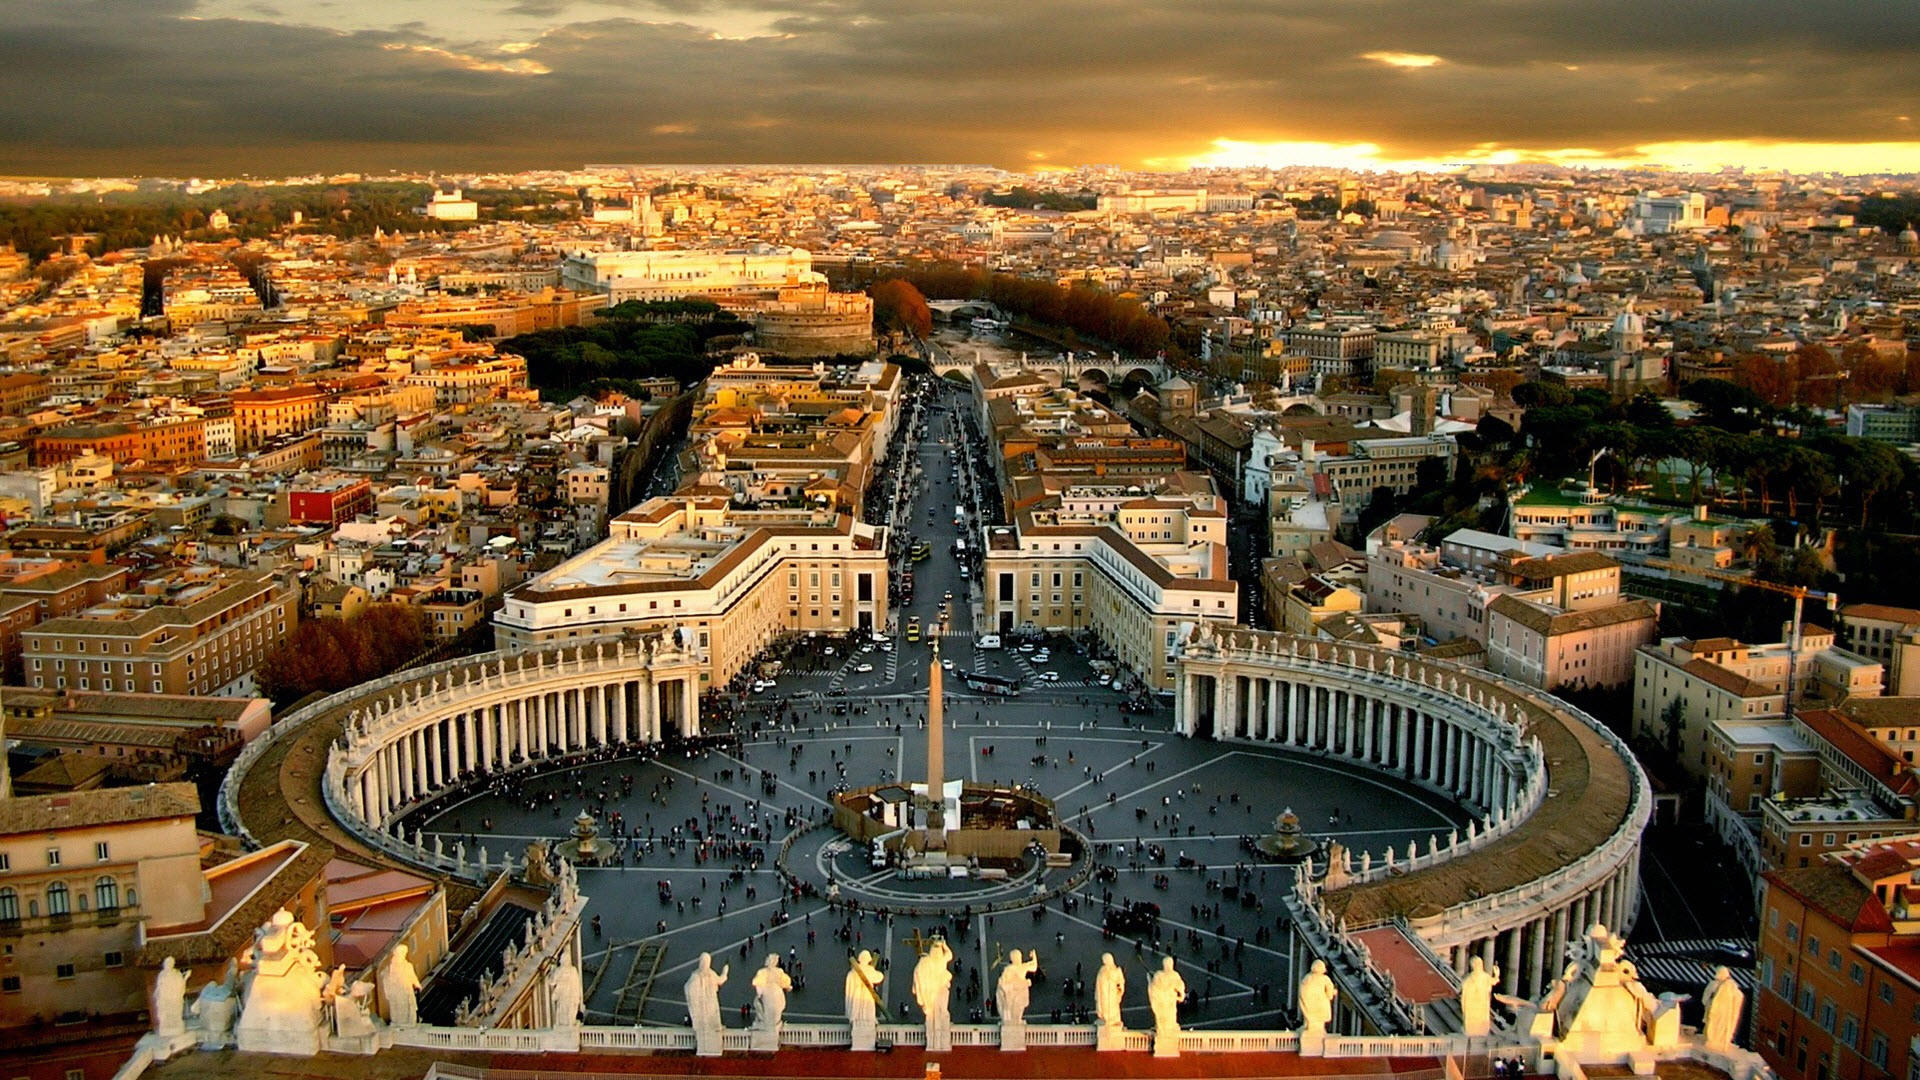 Imagini pentru vatican